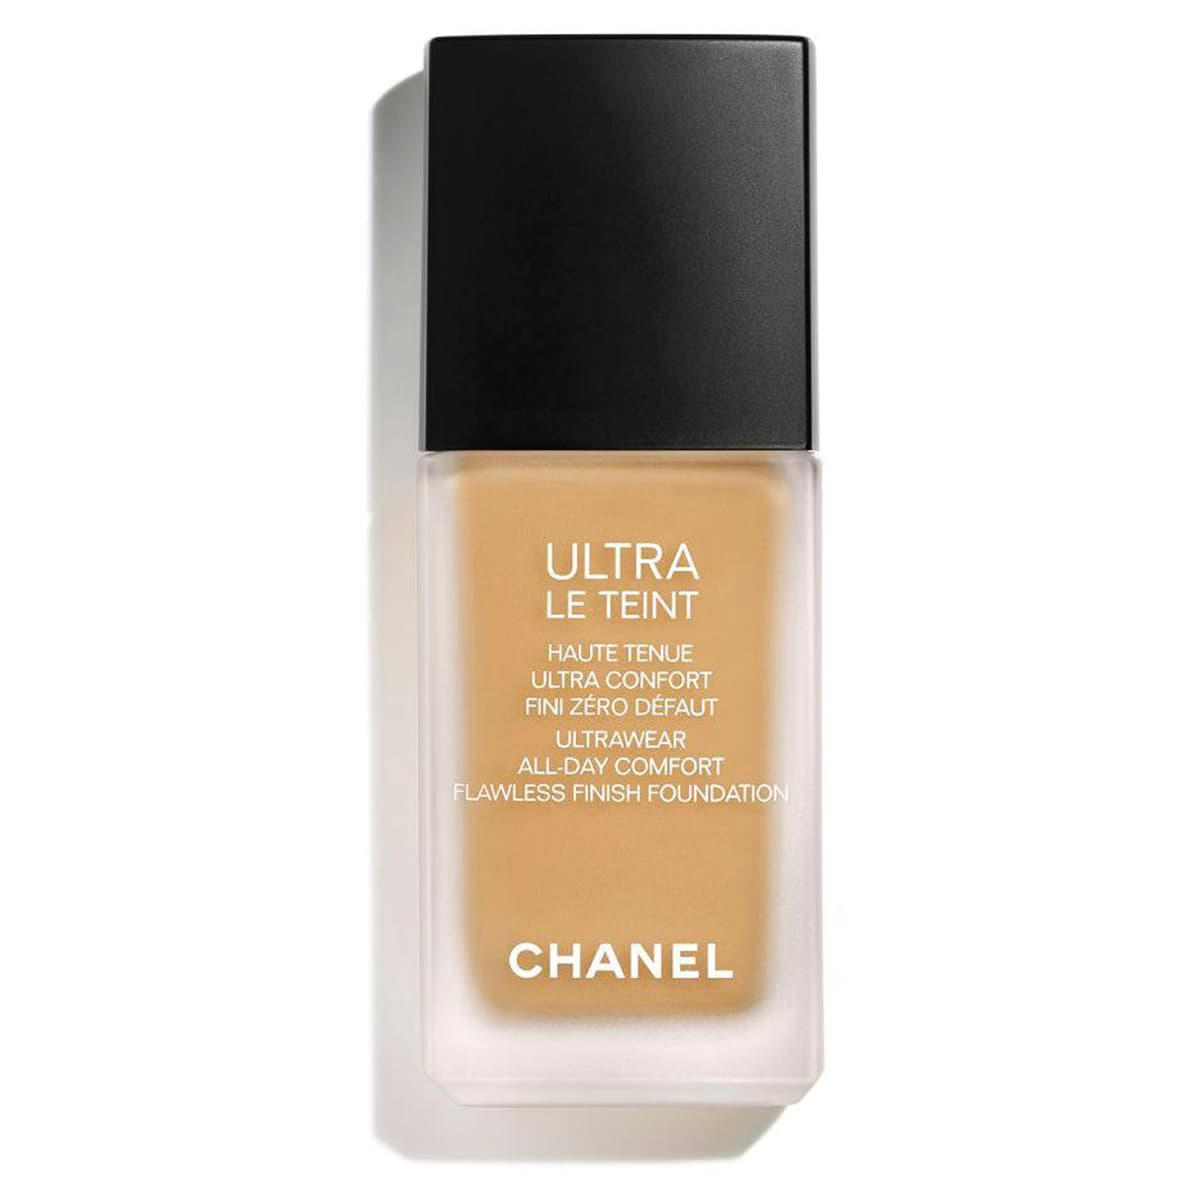 Chanel Ultra Le Teint Ultrawear Foundation BD91